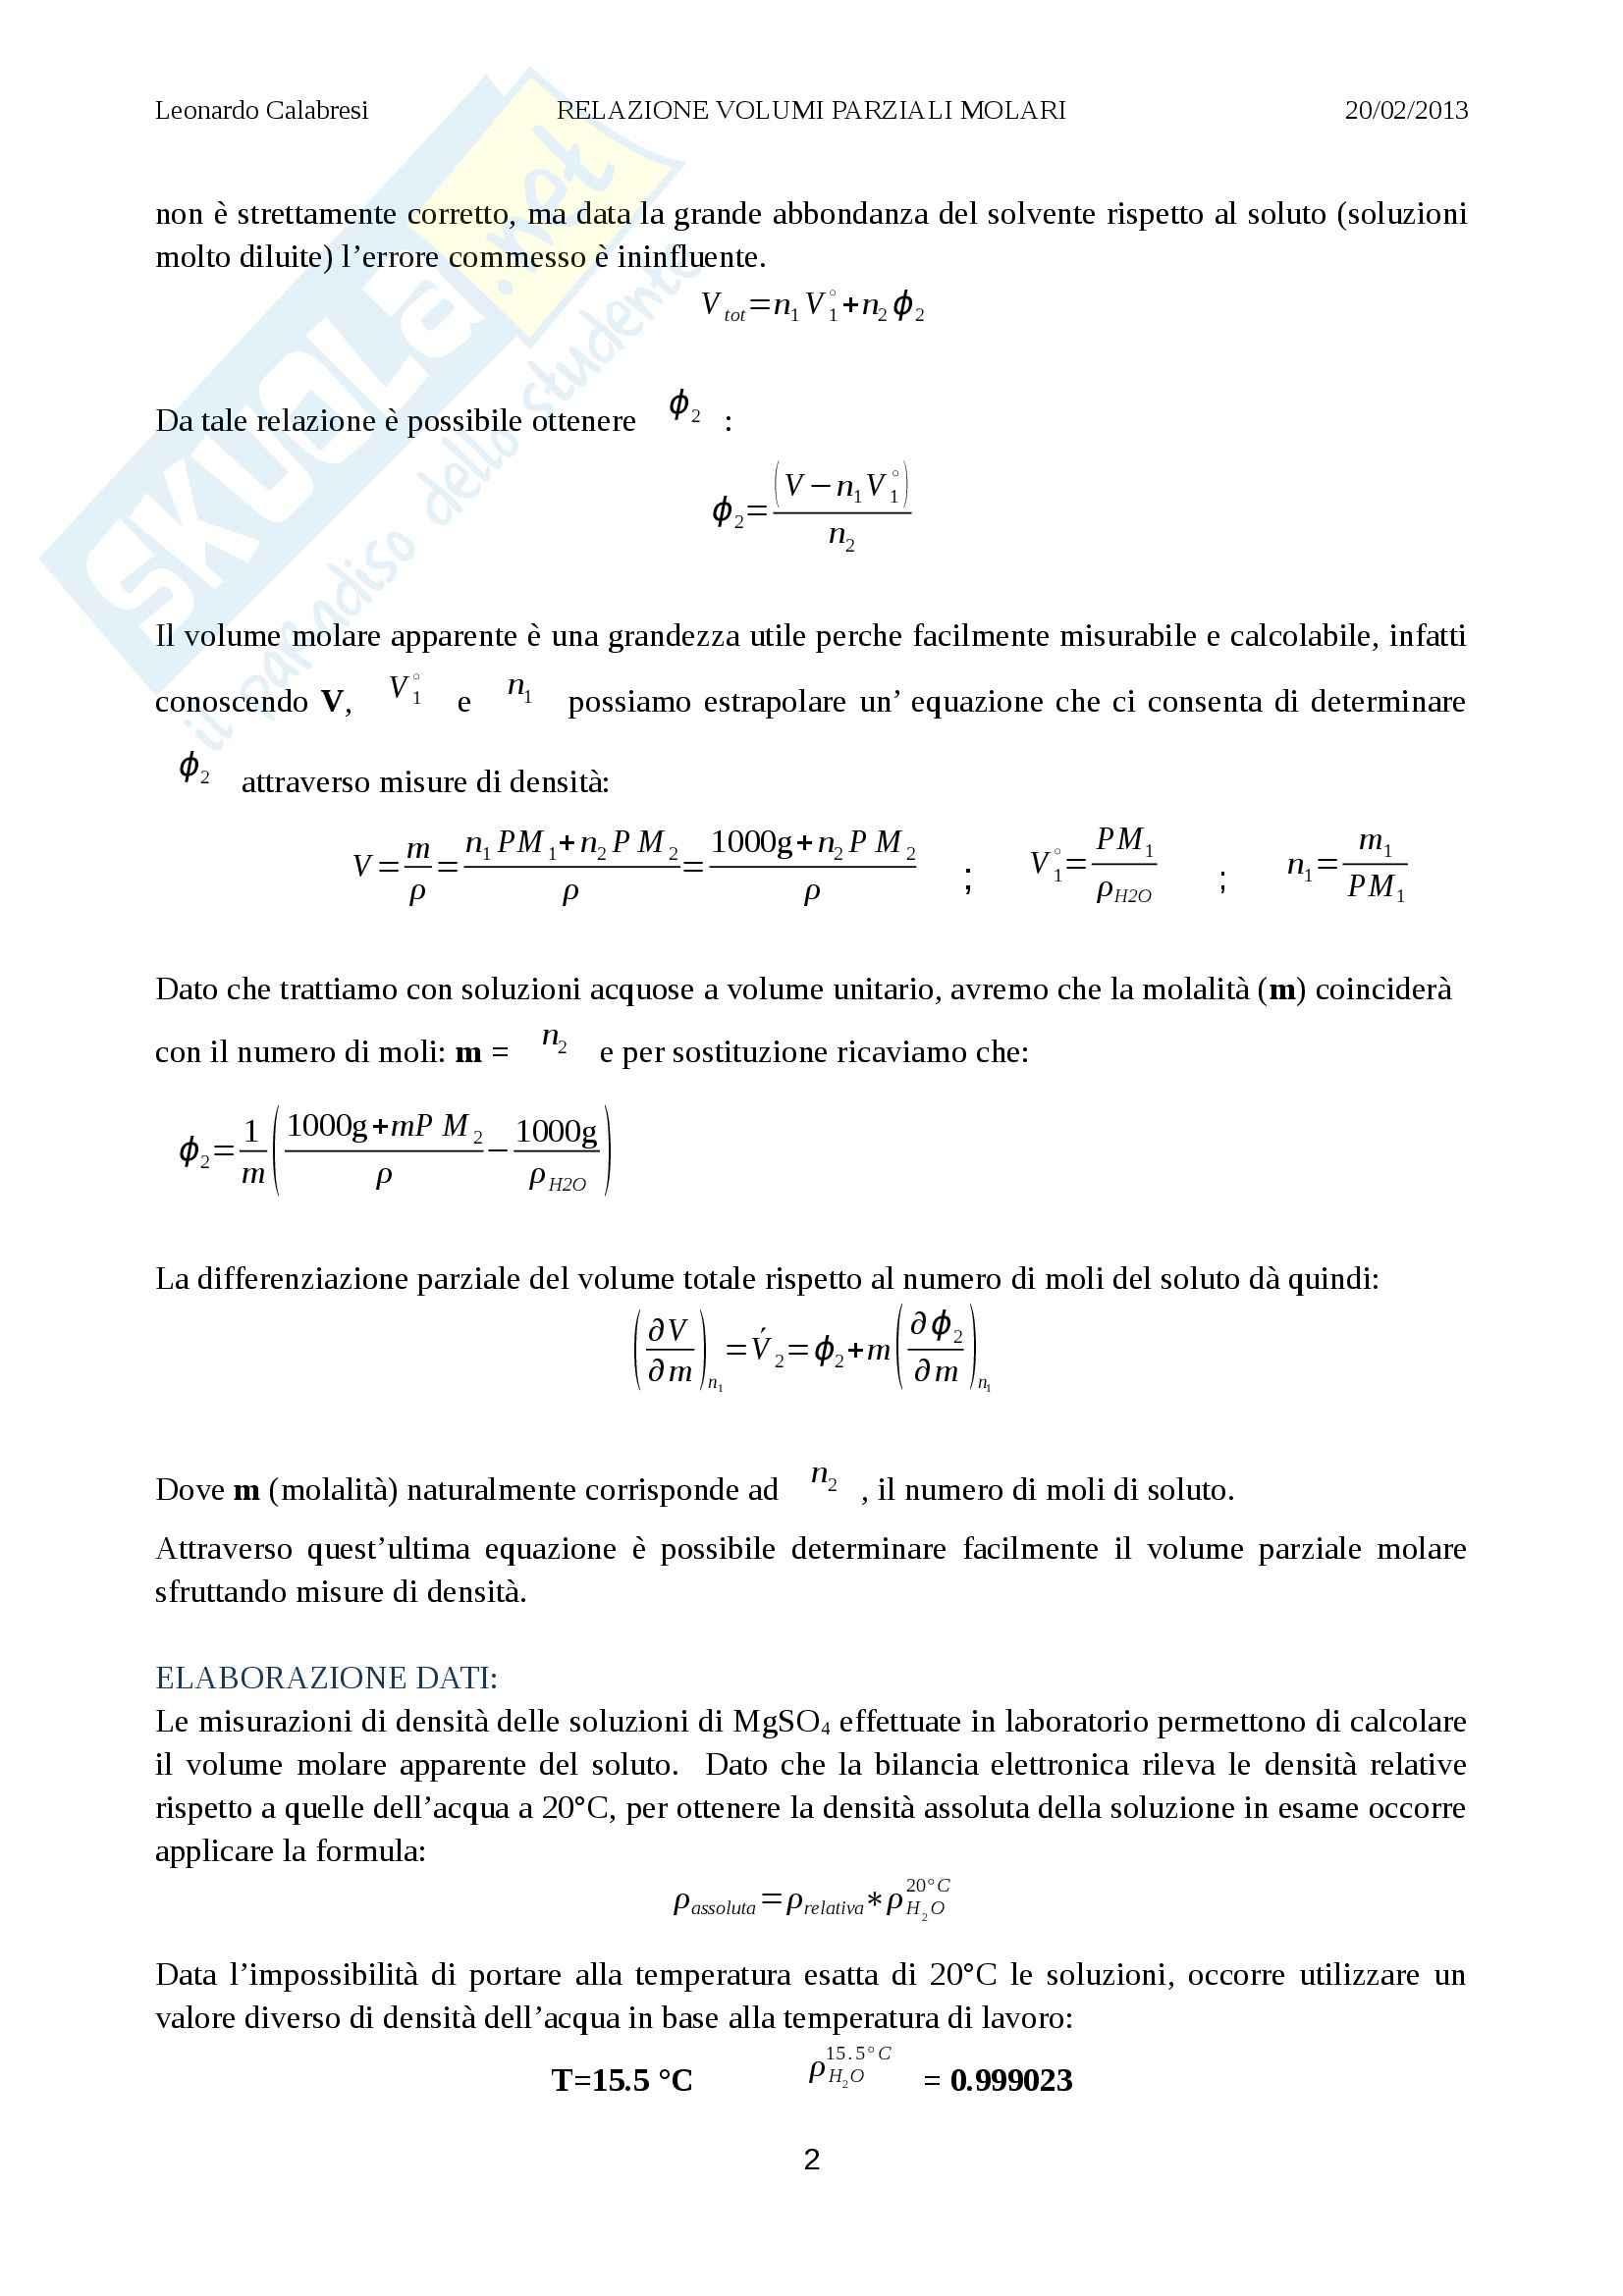 Relazione laboratorio (volumi parziali molari), Chimica fisica Pag. 2